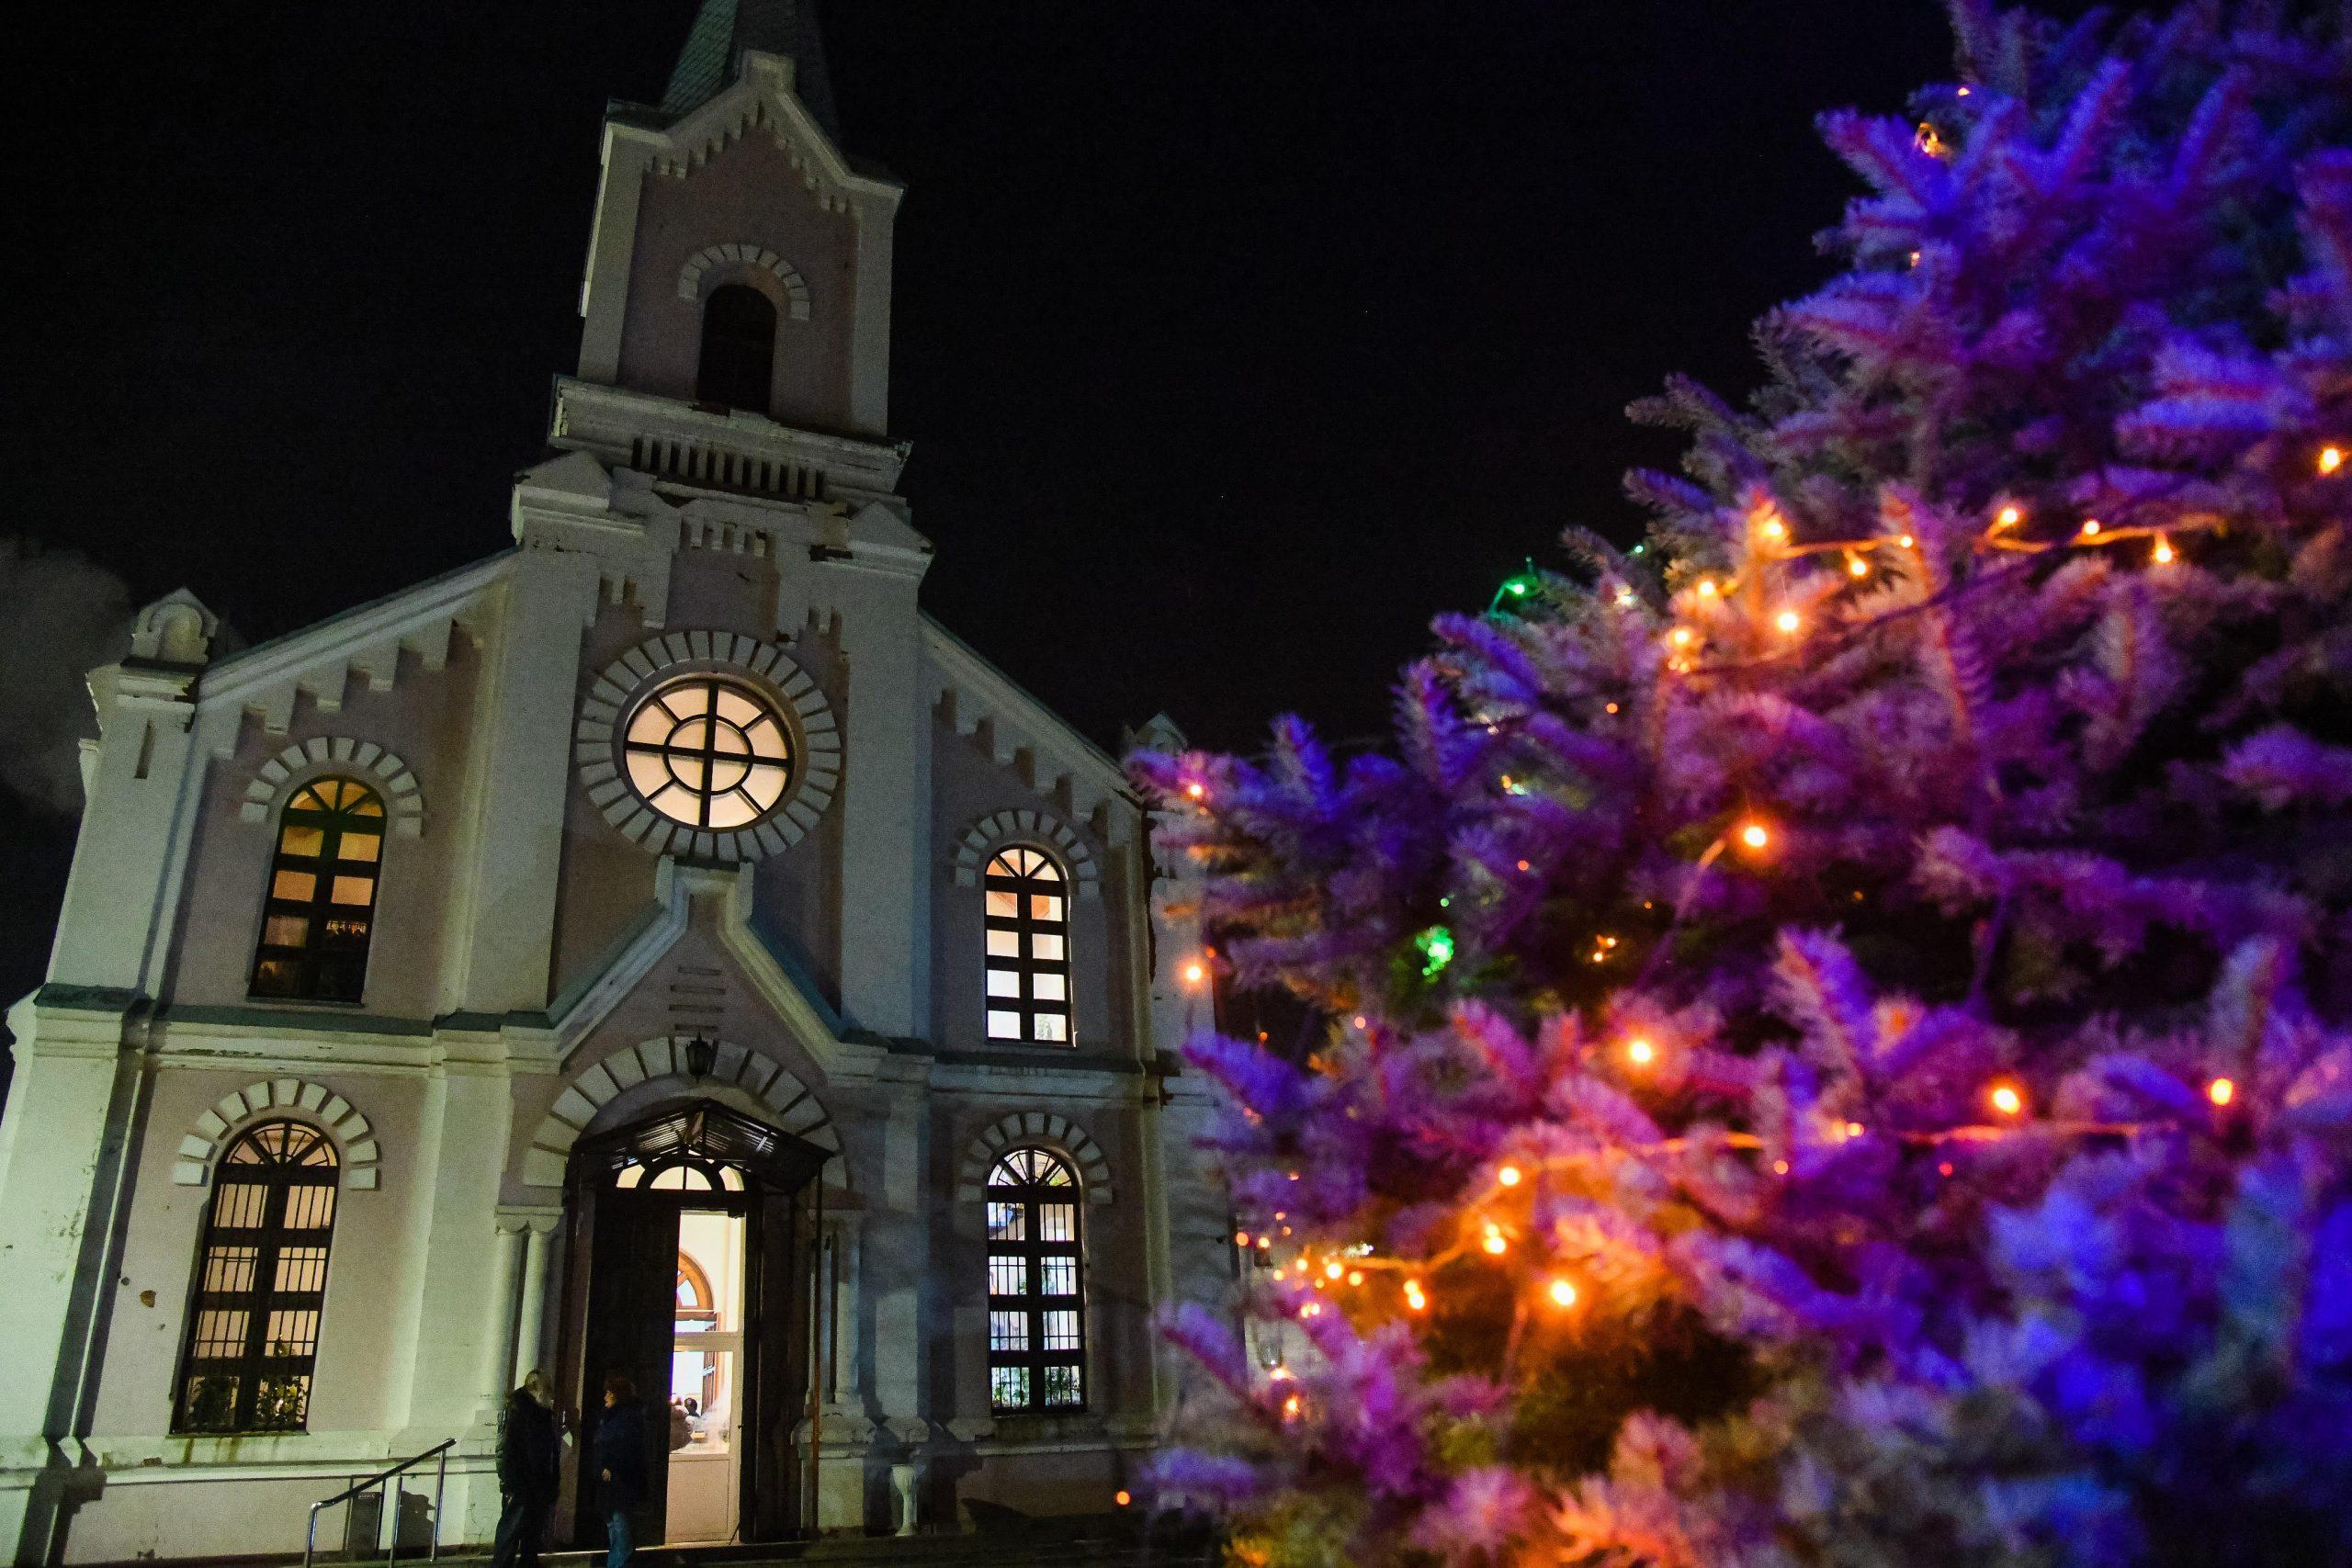 расписание торгов на Рождество